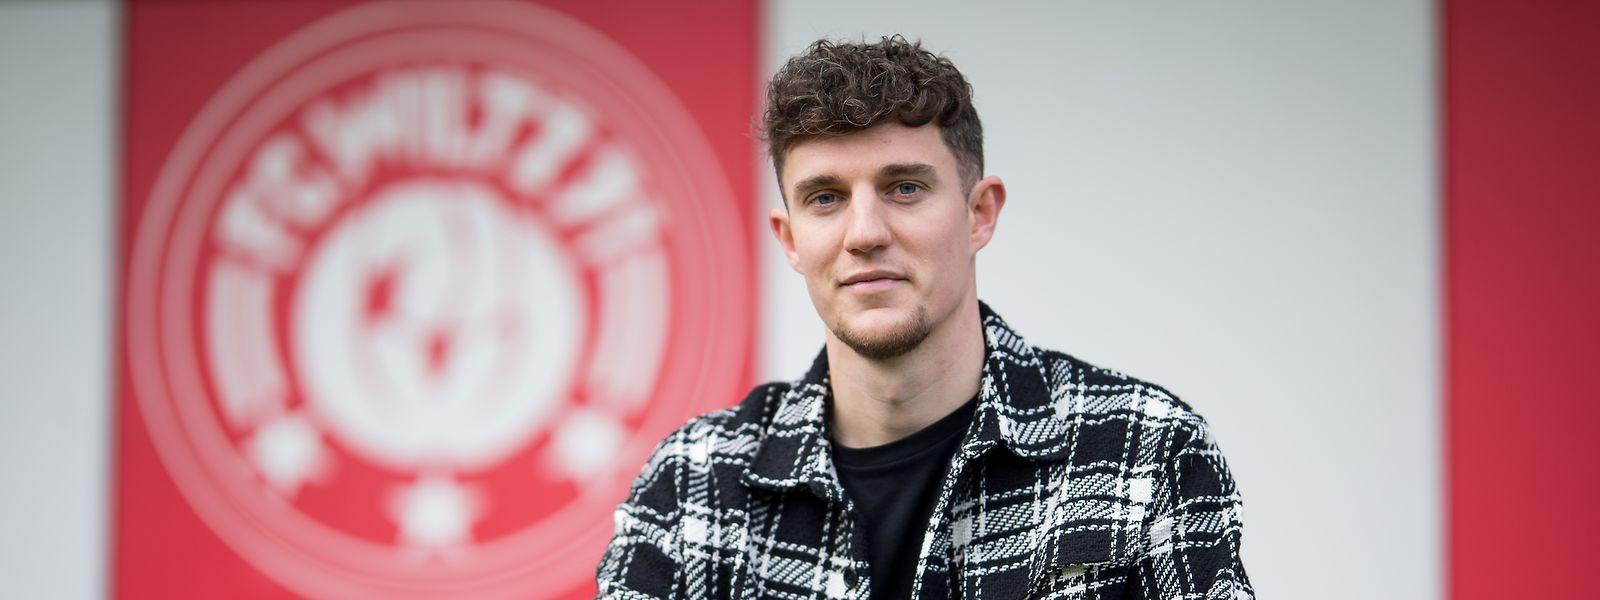 Chris Philipps spielt ab Februar 2021 in der BGL Ligue für Wiltz.